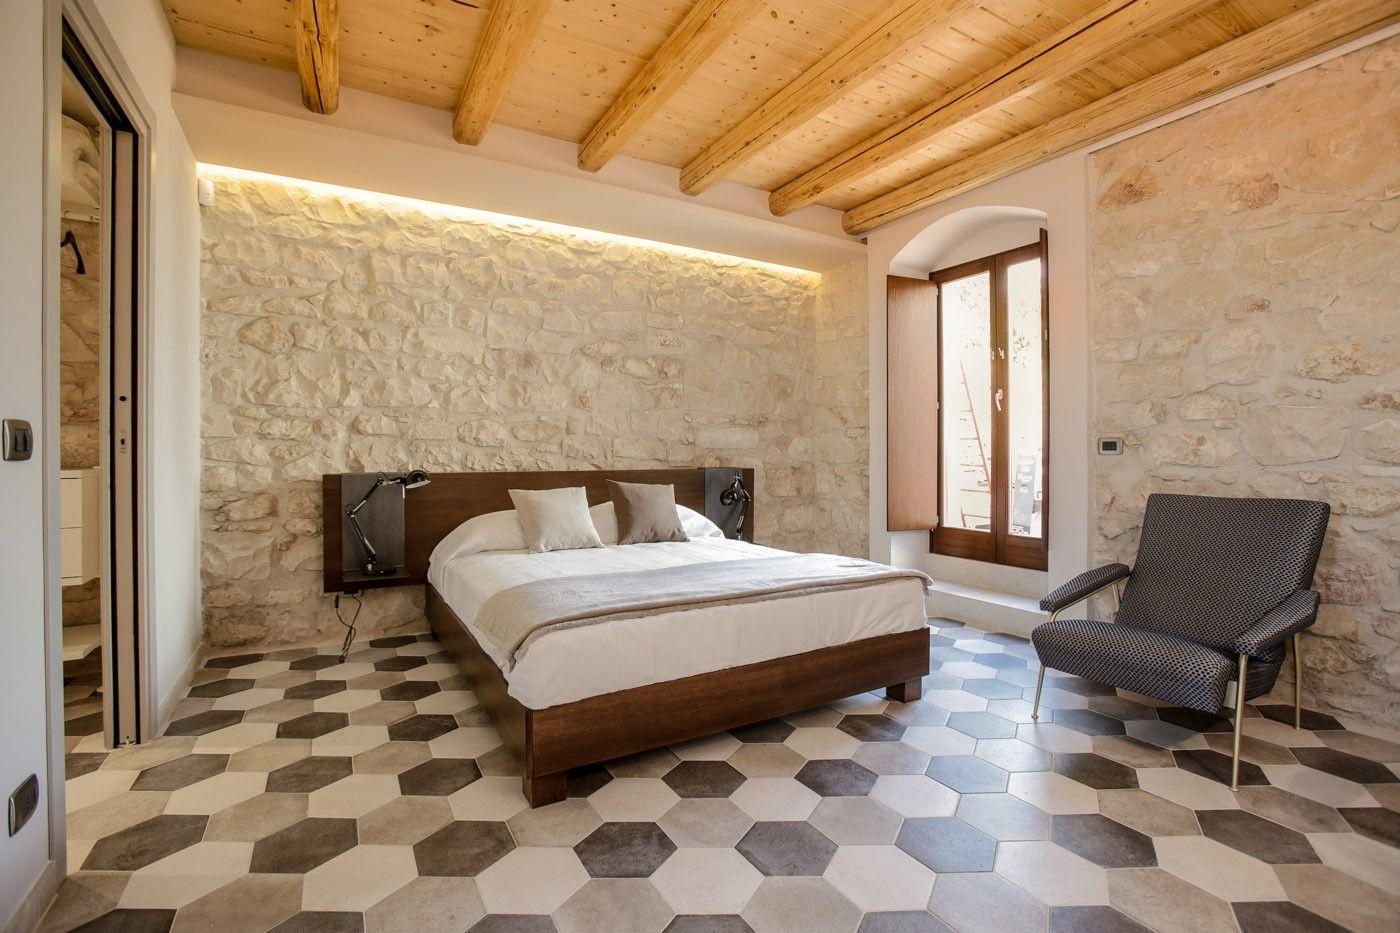 Muri interni in pietra a vista muratura a vista le pareti in